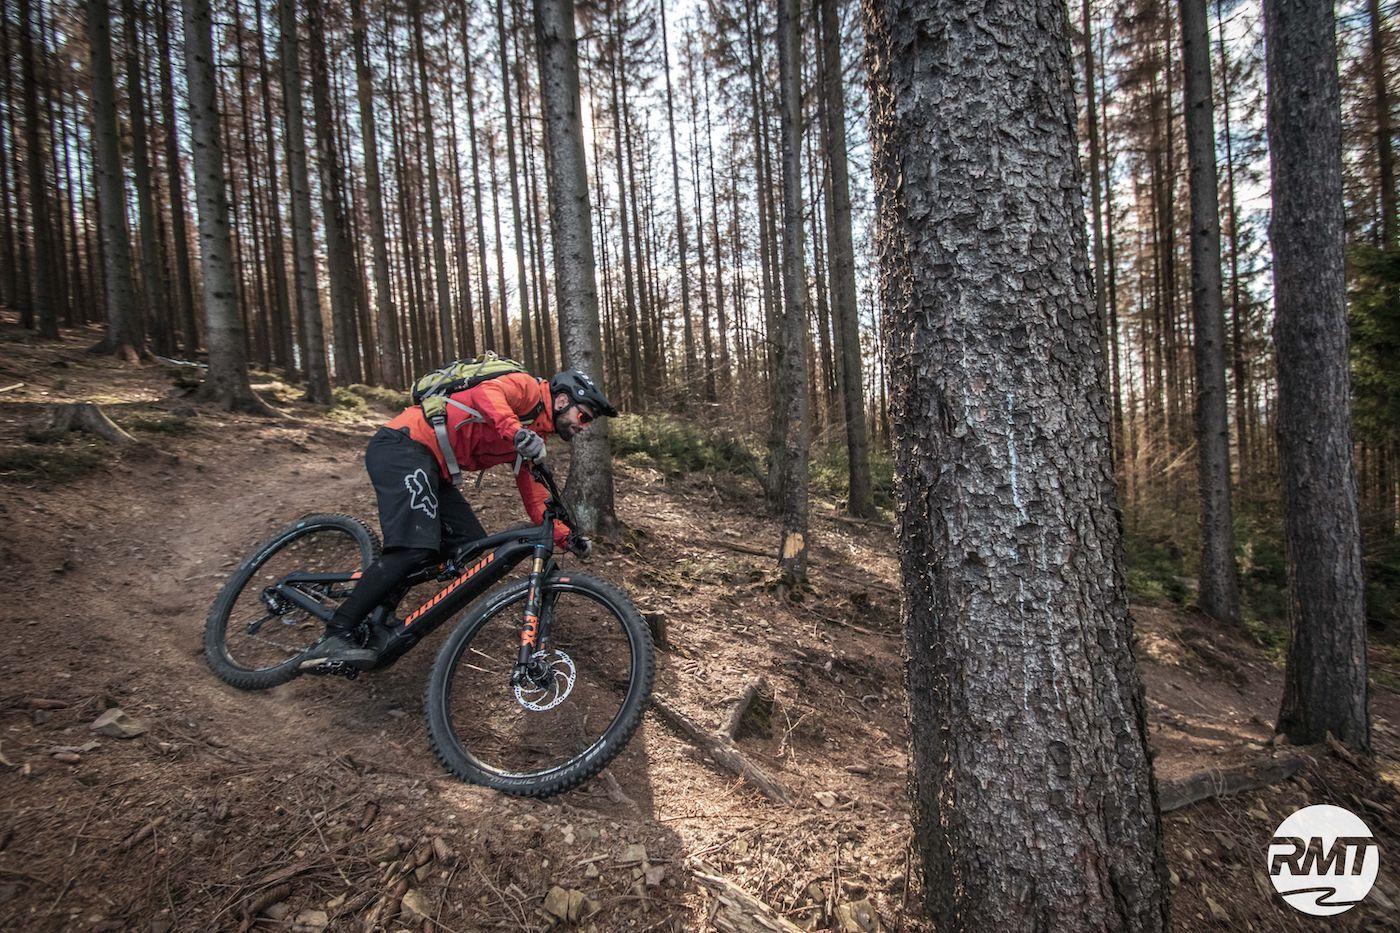 MTB Fahrtechnik Kurs Fortgeschrittene in Hamburg - Harburger Berge Norden - Mountainbike Fortgeschritten - Rock my Trail Bikeschule - 6